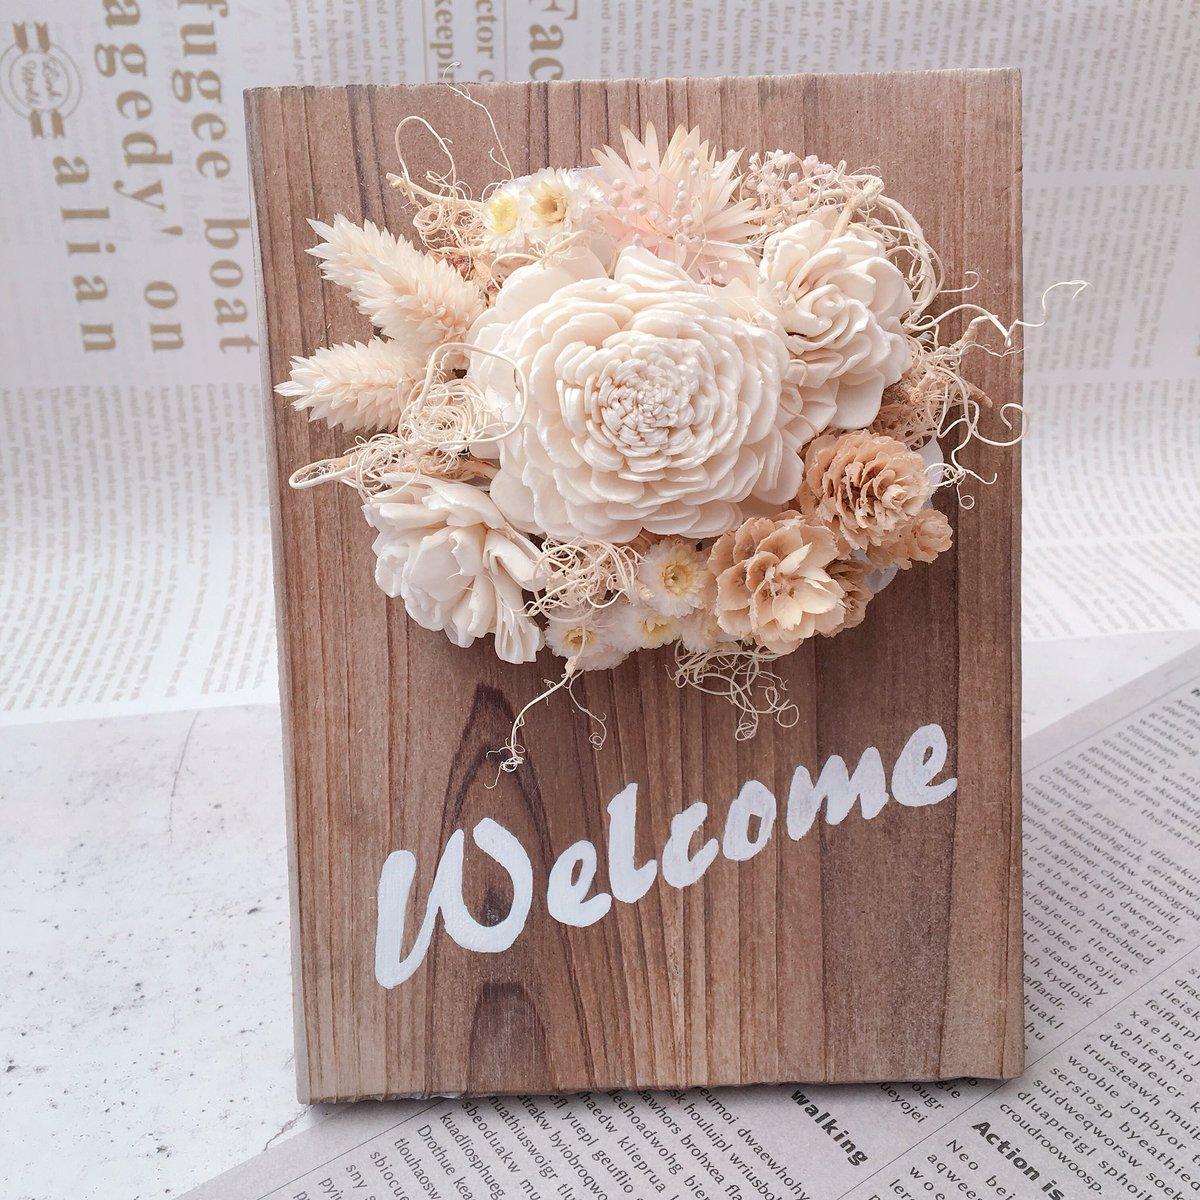 ウェルカムボード出品致しました✨  結婚式に、お店のディスプレイに、 お家のインテリアに✨  https://t.co/xMwj1SNA2N   #ウェルカムボード #welcomeboad #結婚式 #wedding #結婚式小物 #weddingitem #受付装飾 #花のある暮らし  #ドライフラワーのある暮らし  #フラワーインテリア #nobori #minne https://t.co/uyUBMBOIcG